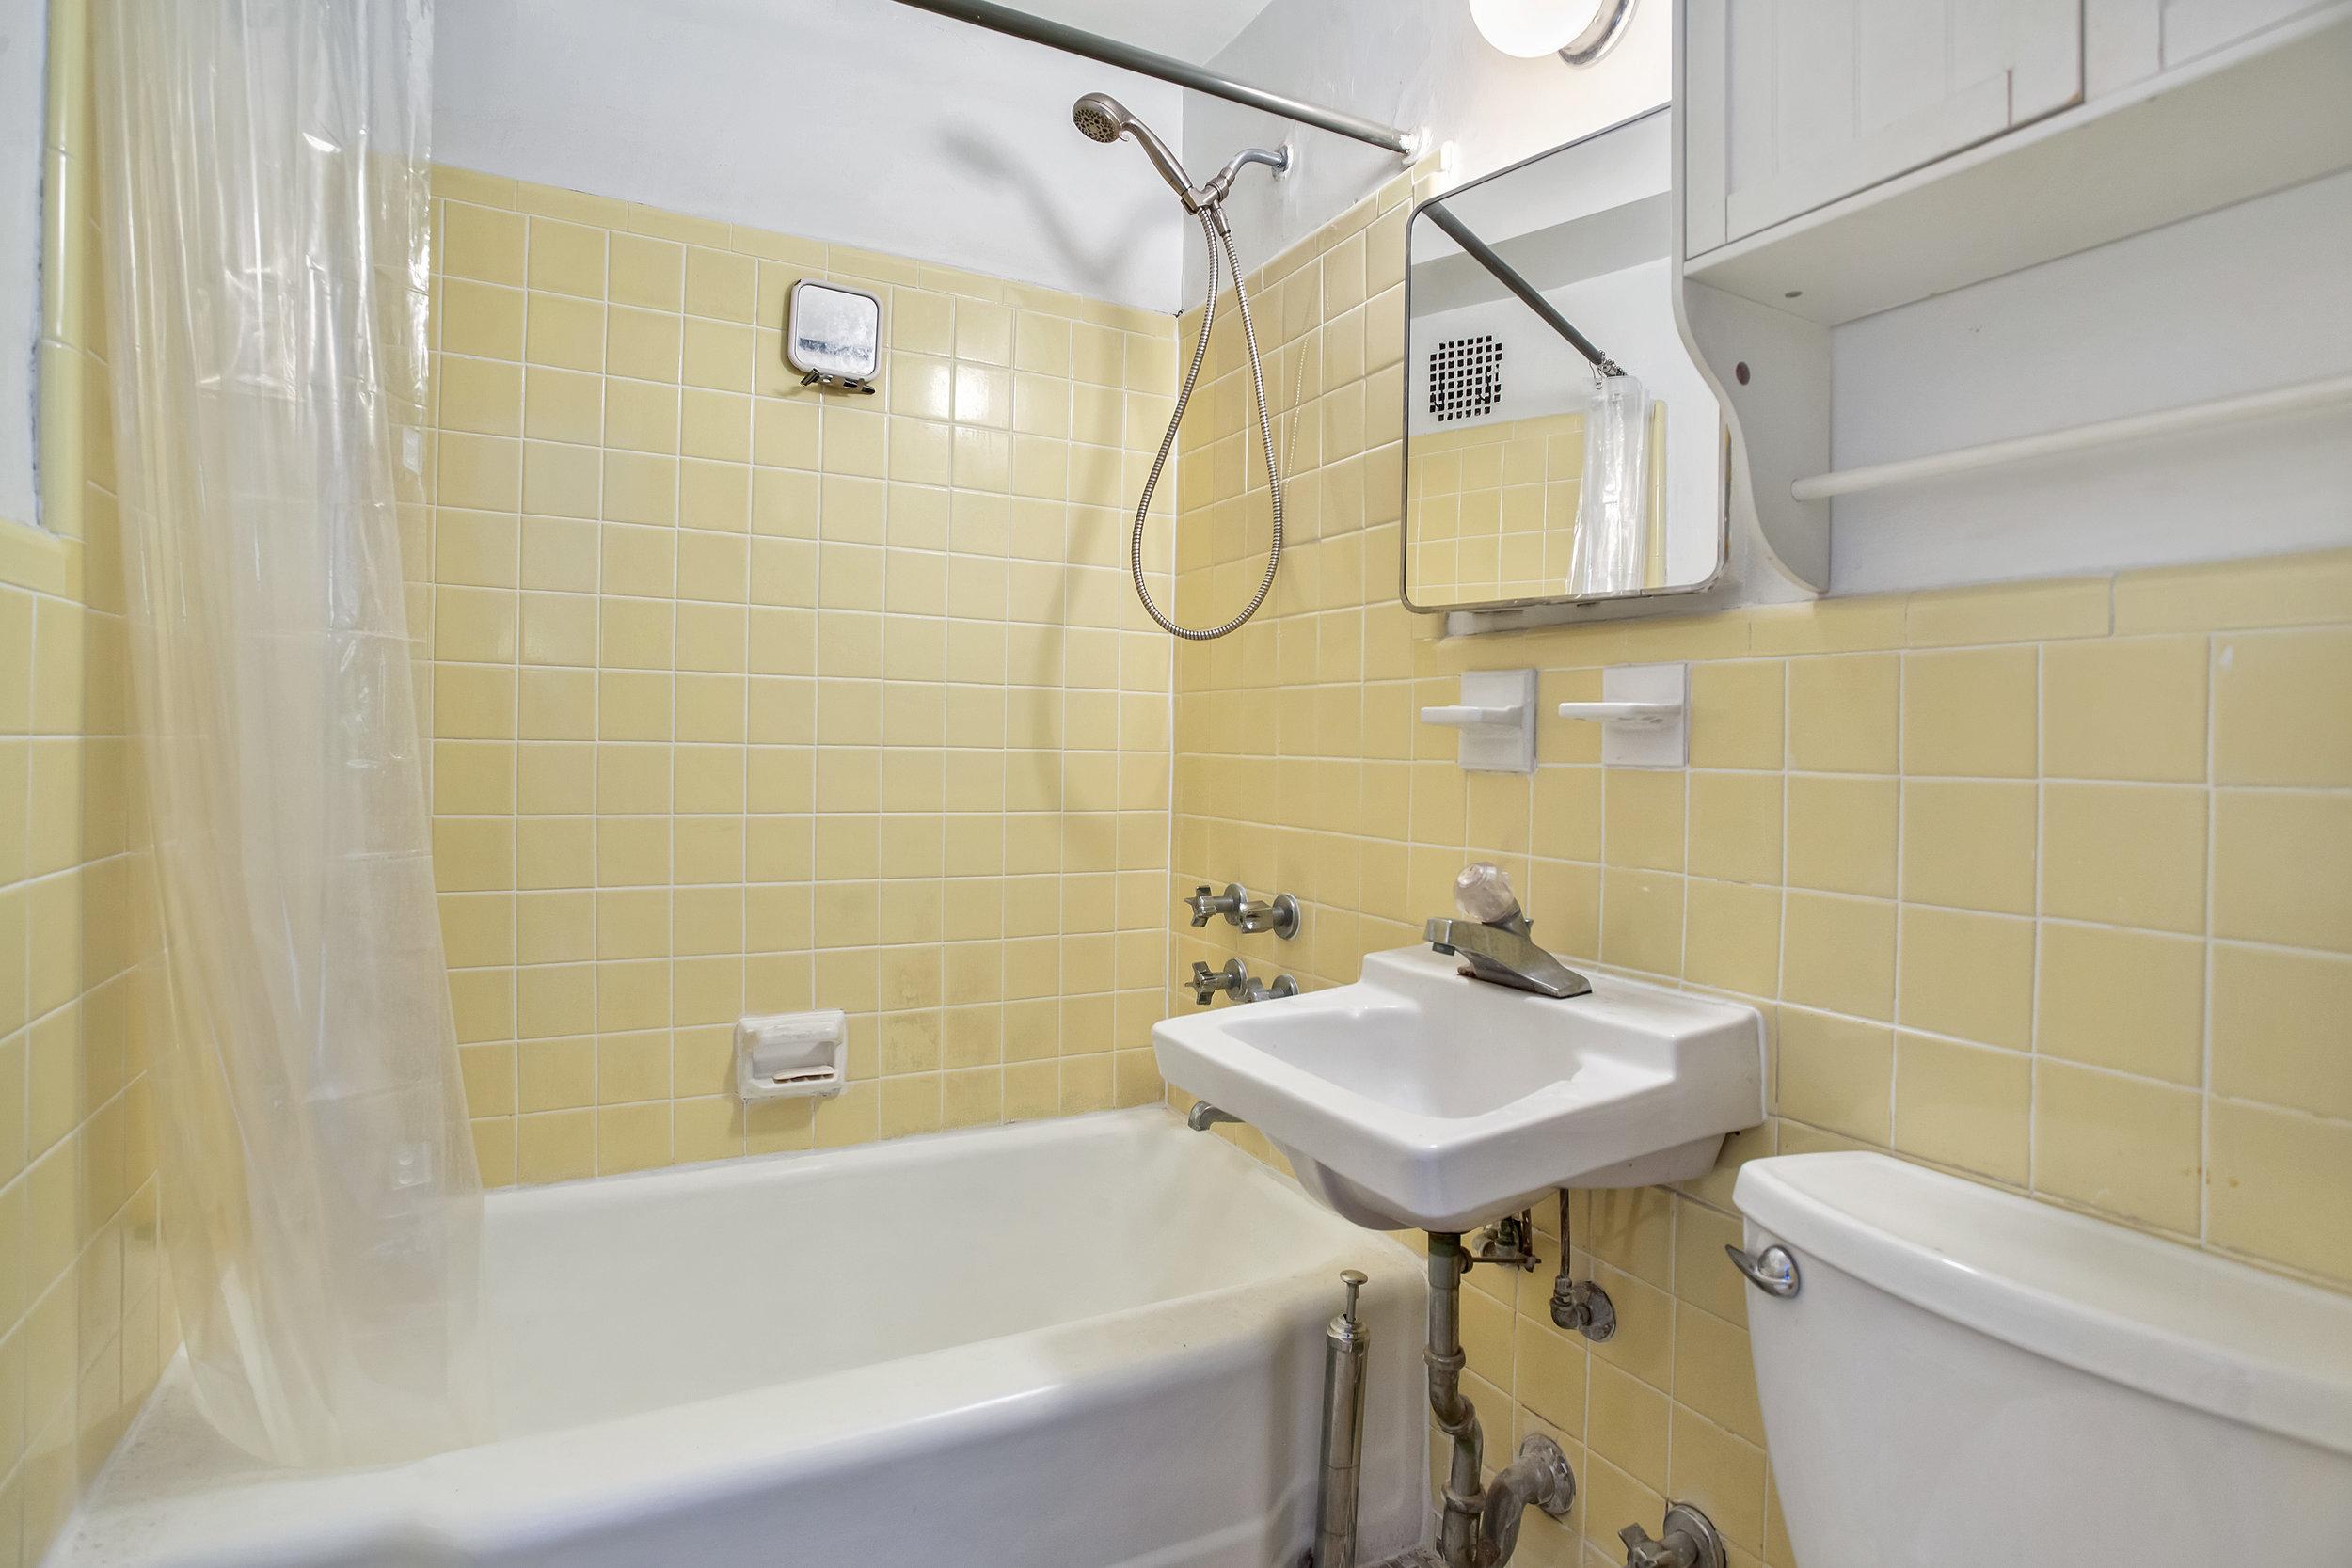 160_9thave-bath.jpg